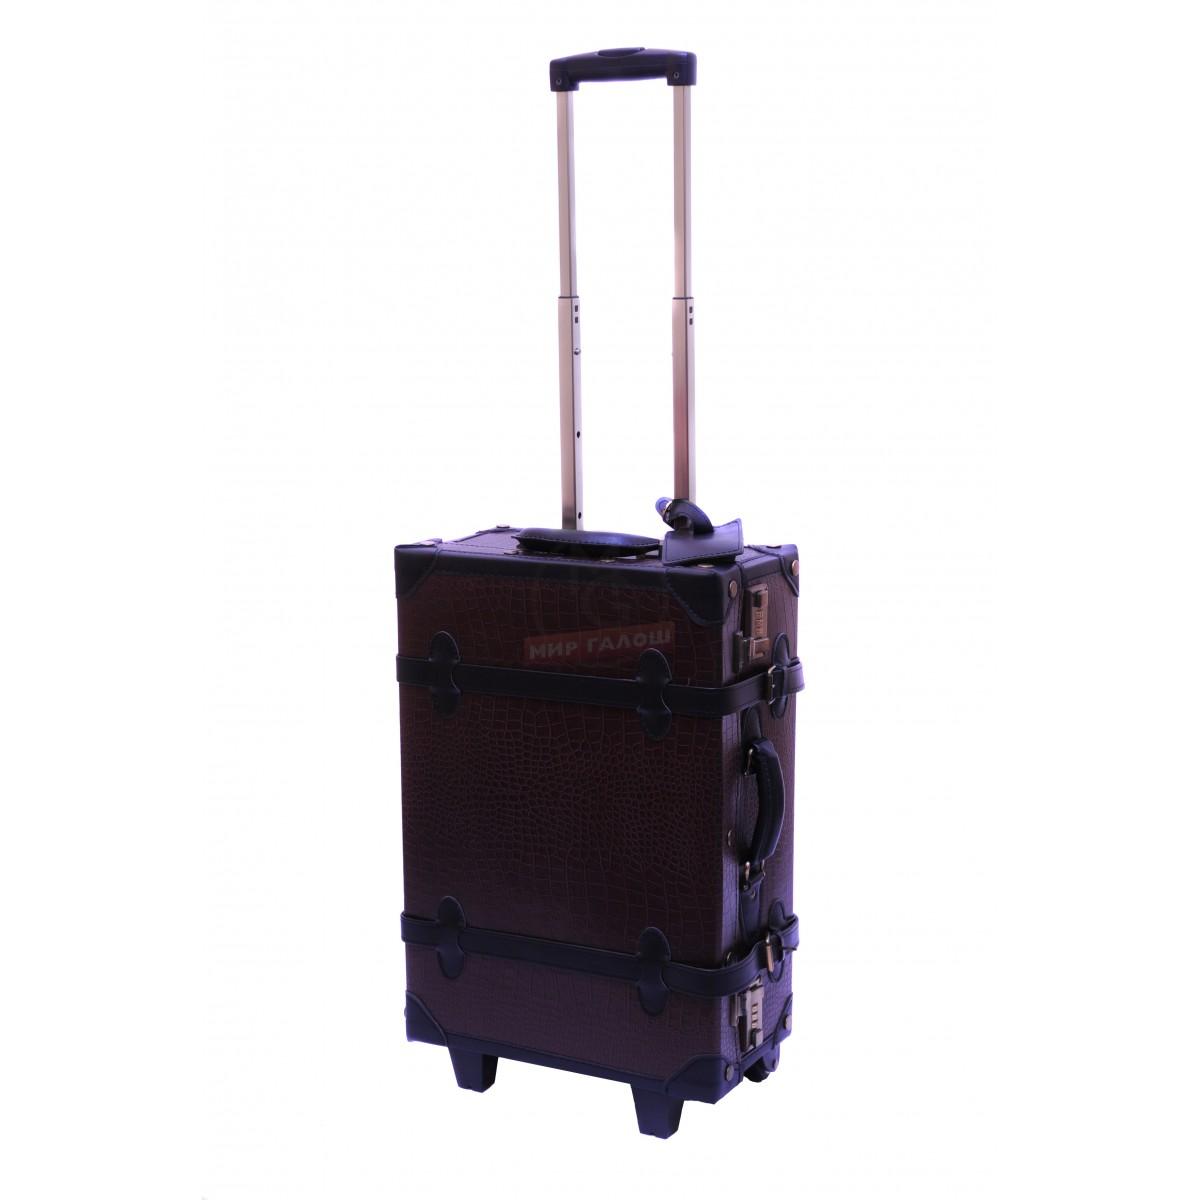 Дорожный чемодан на колесах Suitcase №15